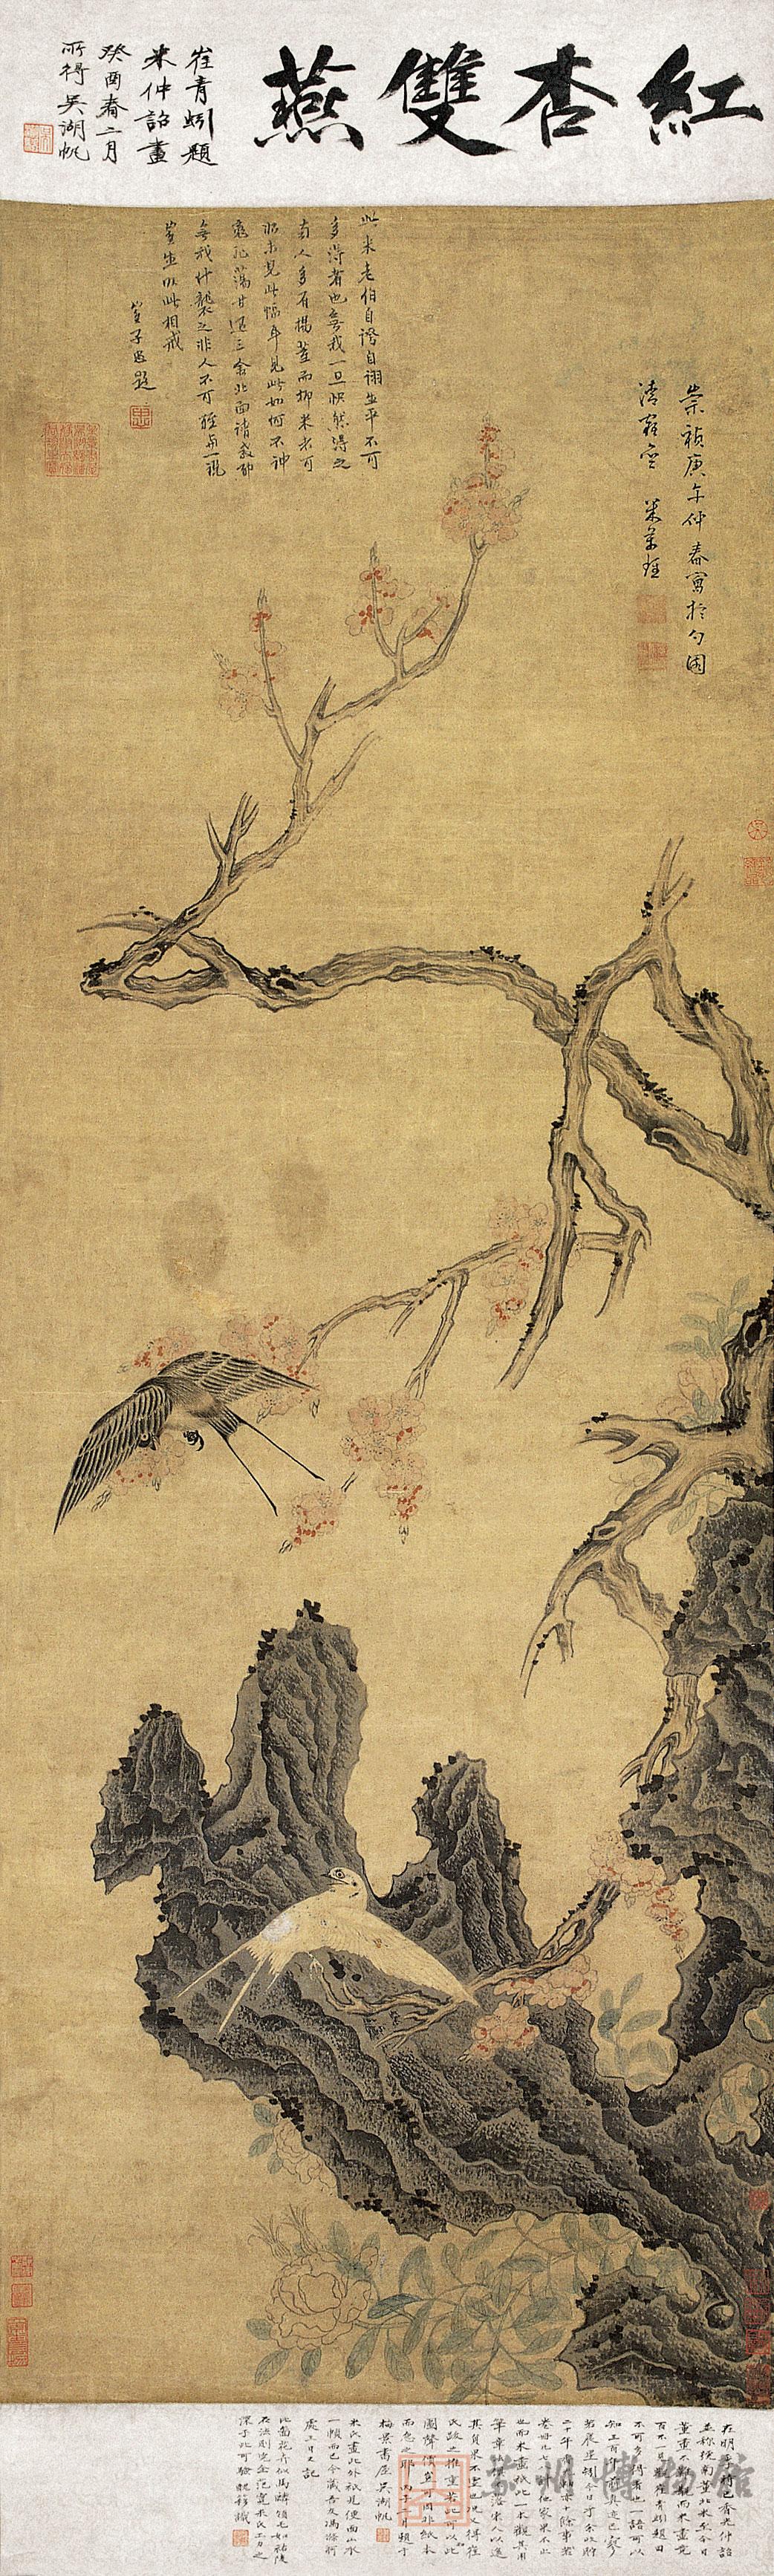 SZMX-000516_P67-030-米万钟-红杏双燕图轴_shuiyin.jpg